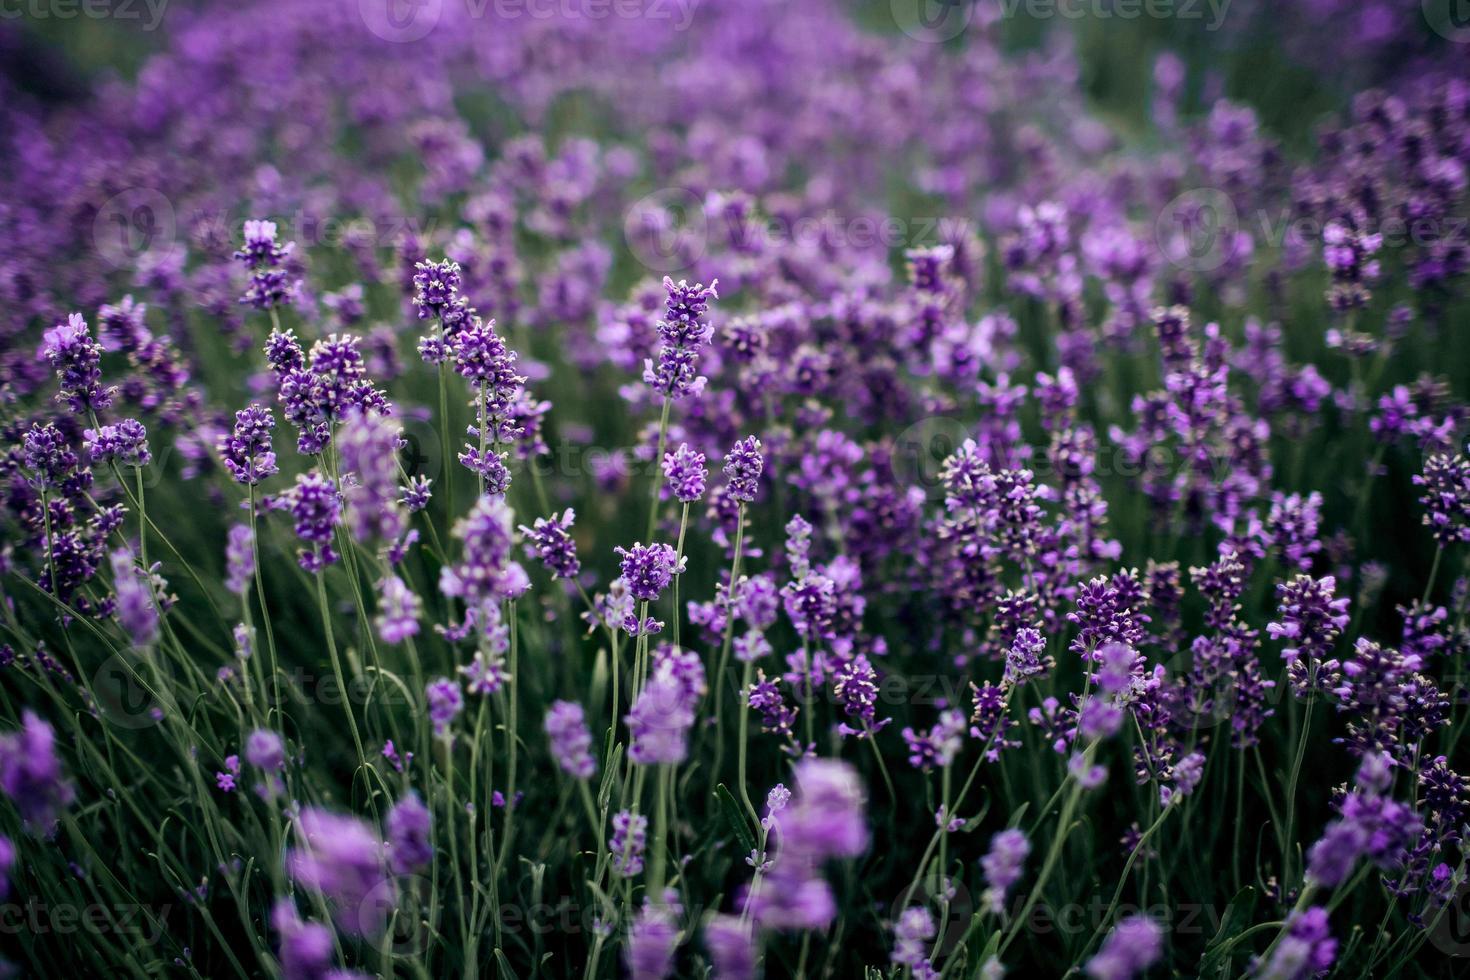 champ de lavande au soleil, provence, plateau de valensole. belle image d'un champ de lavande. champ de fleurs de lavande, image de fond naturel. très belle vue sur les champs de lavande. photo